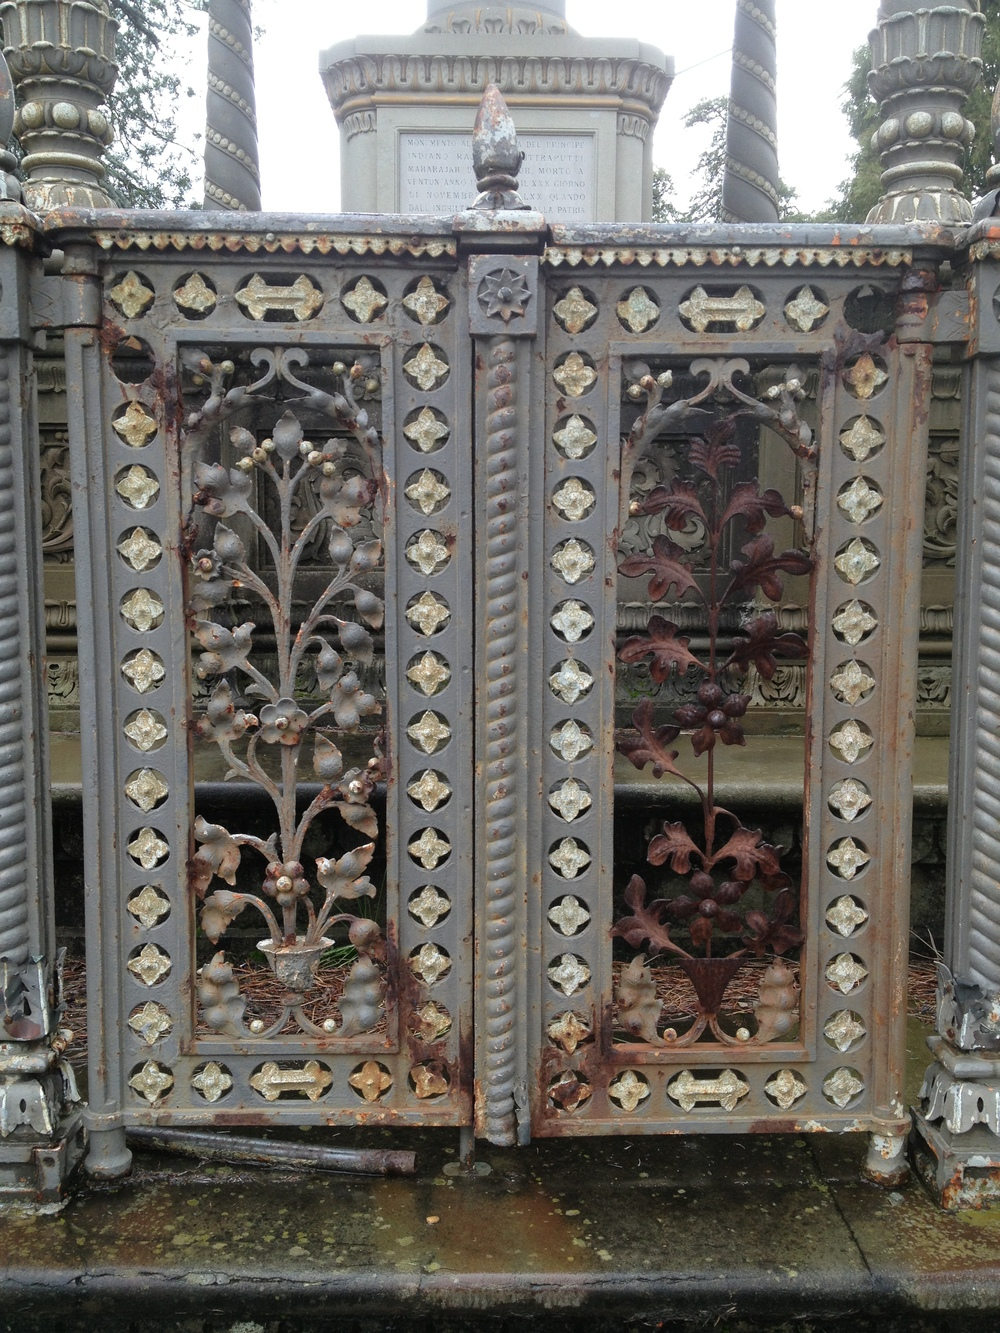 Florentine-Orientalism-Maharajah-of-Kolhapur-jessewaugh.com-2.jpg